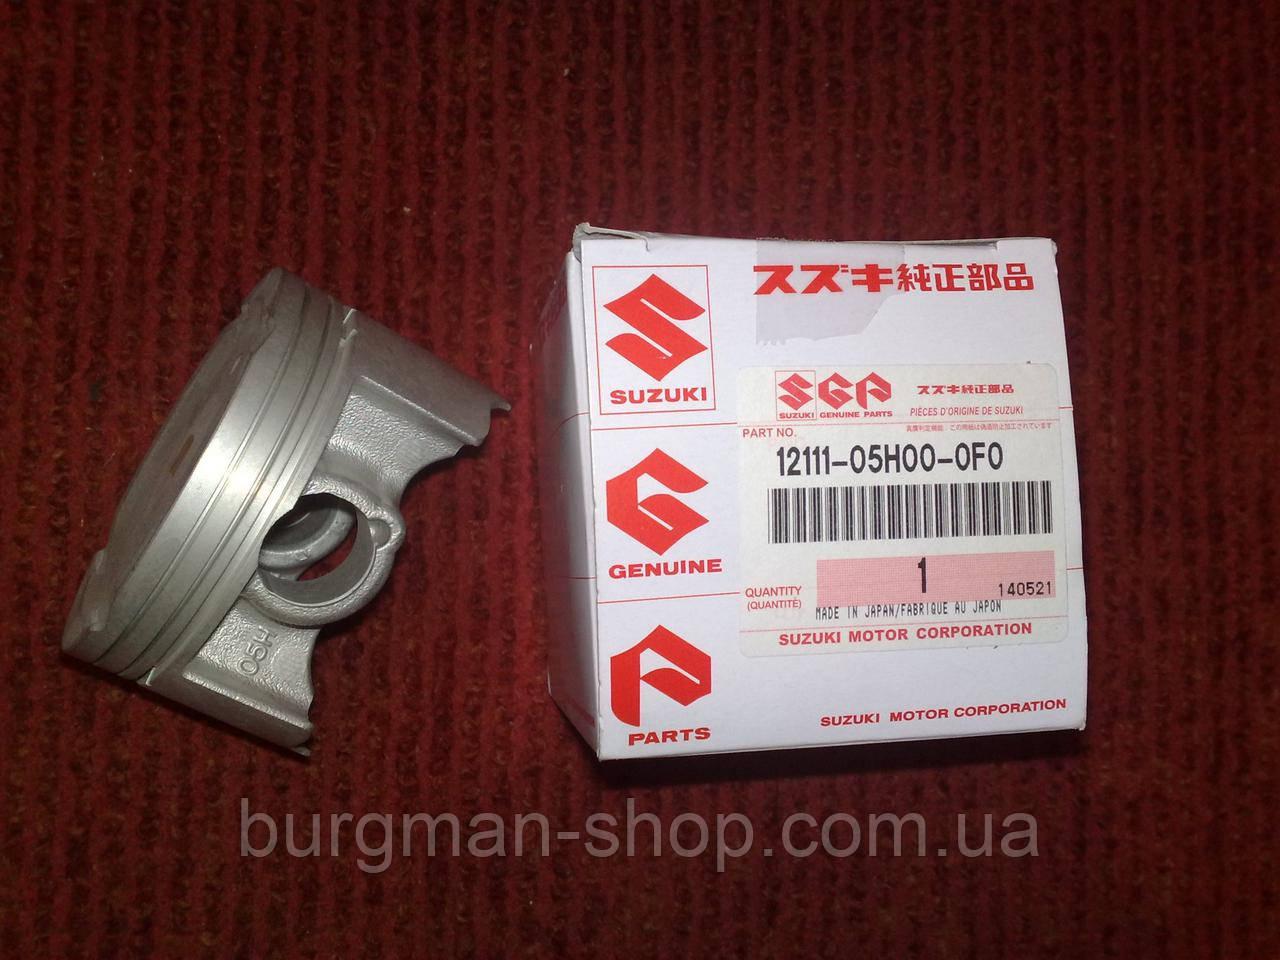 Поршень STD 400cc 07-09г Suzuki Burgman SkyWave 12111-05H00-0F0